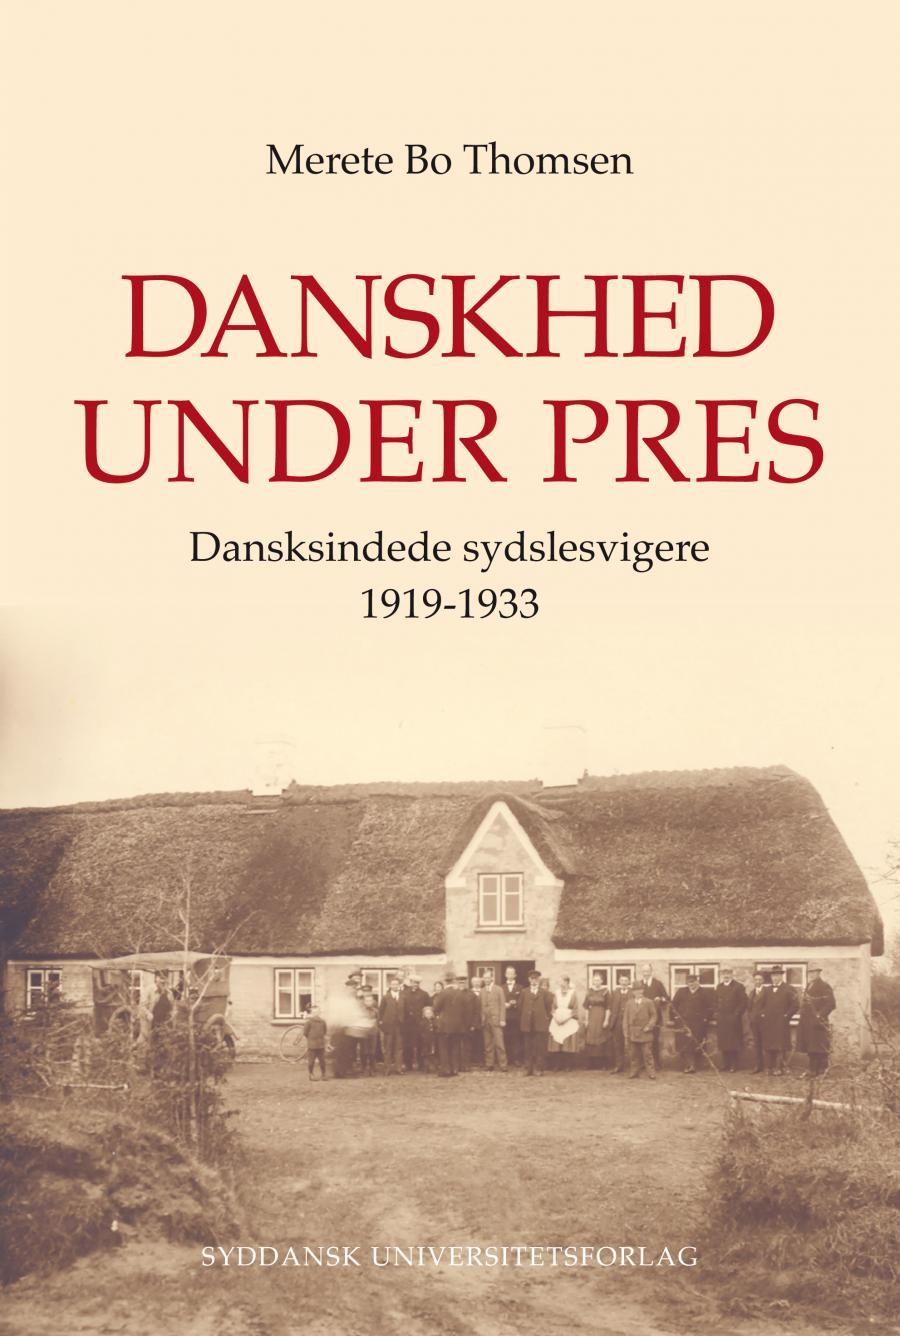 Danskhed under pres